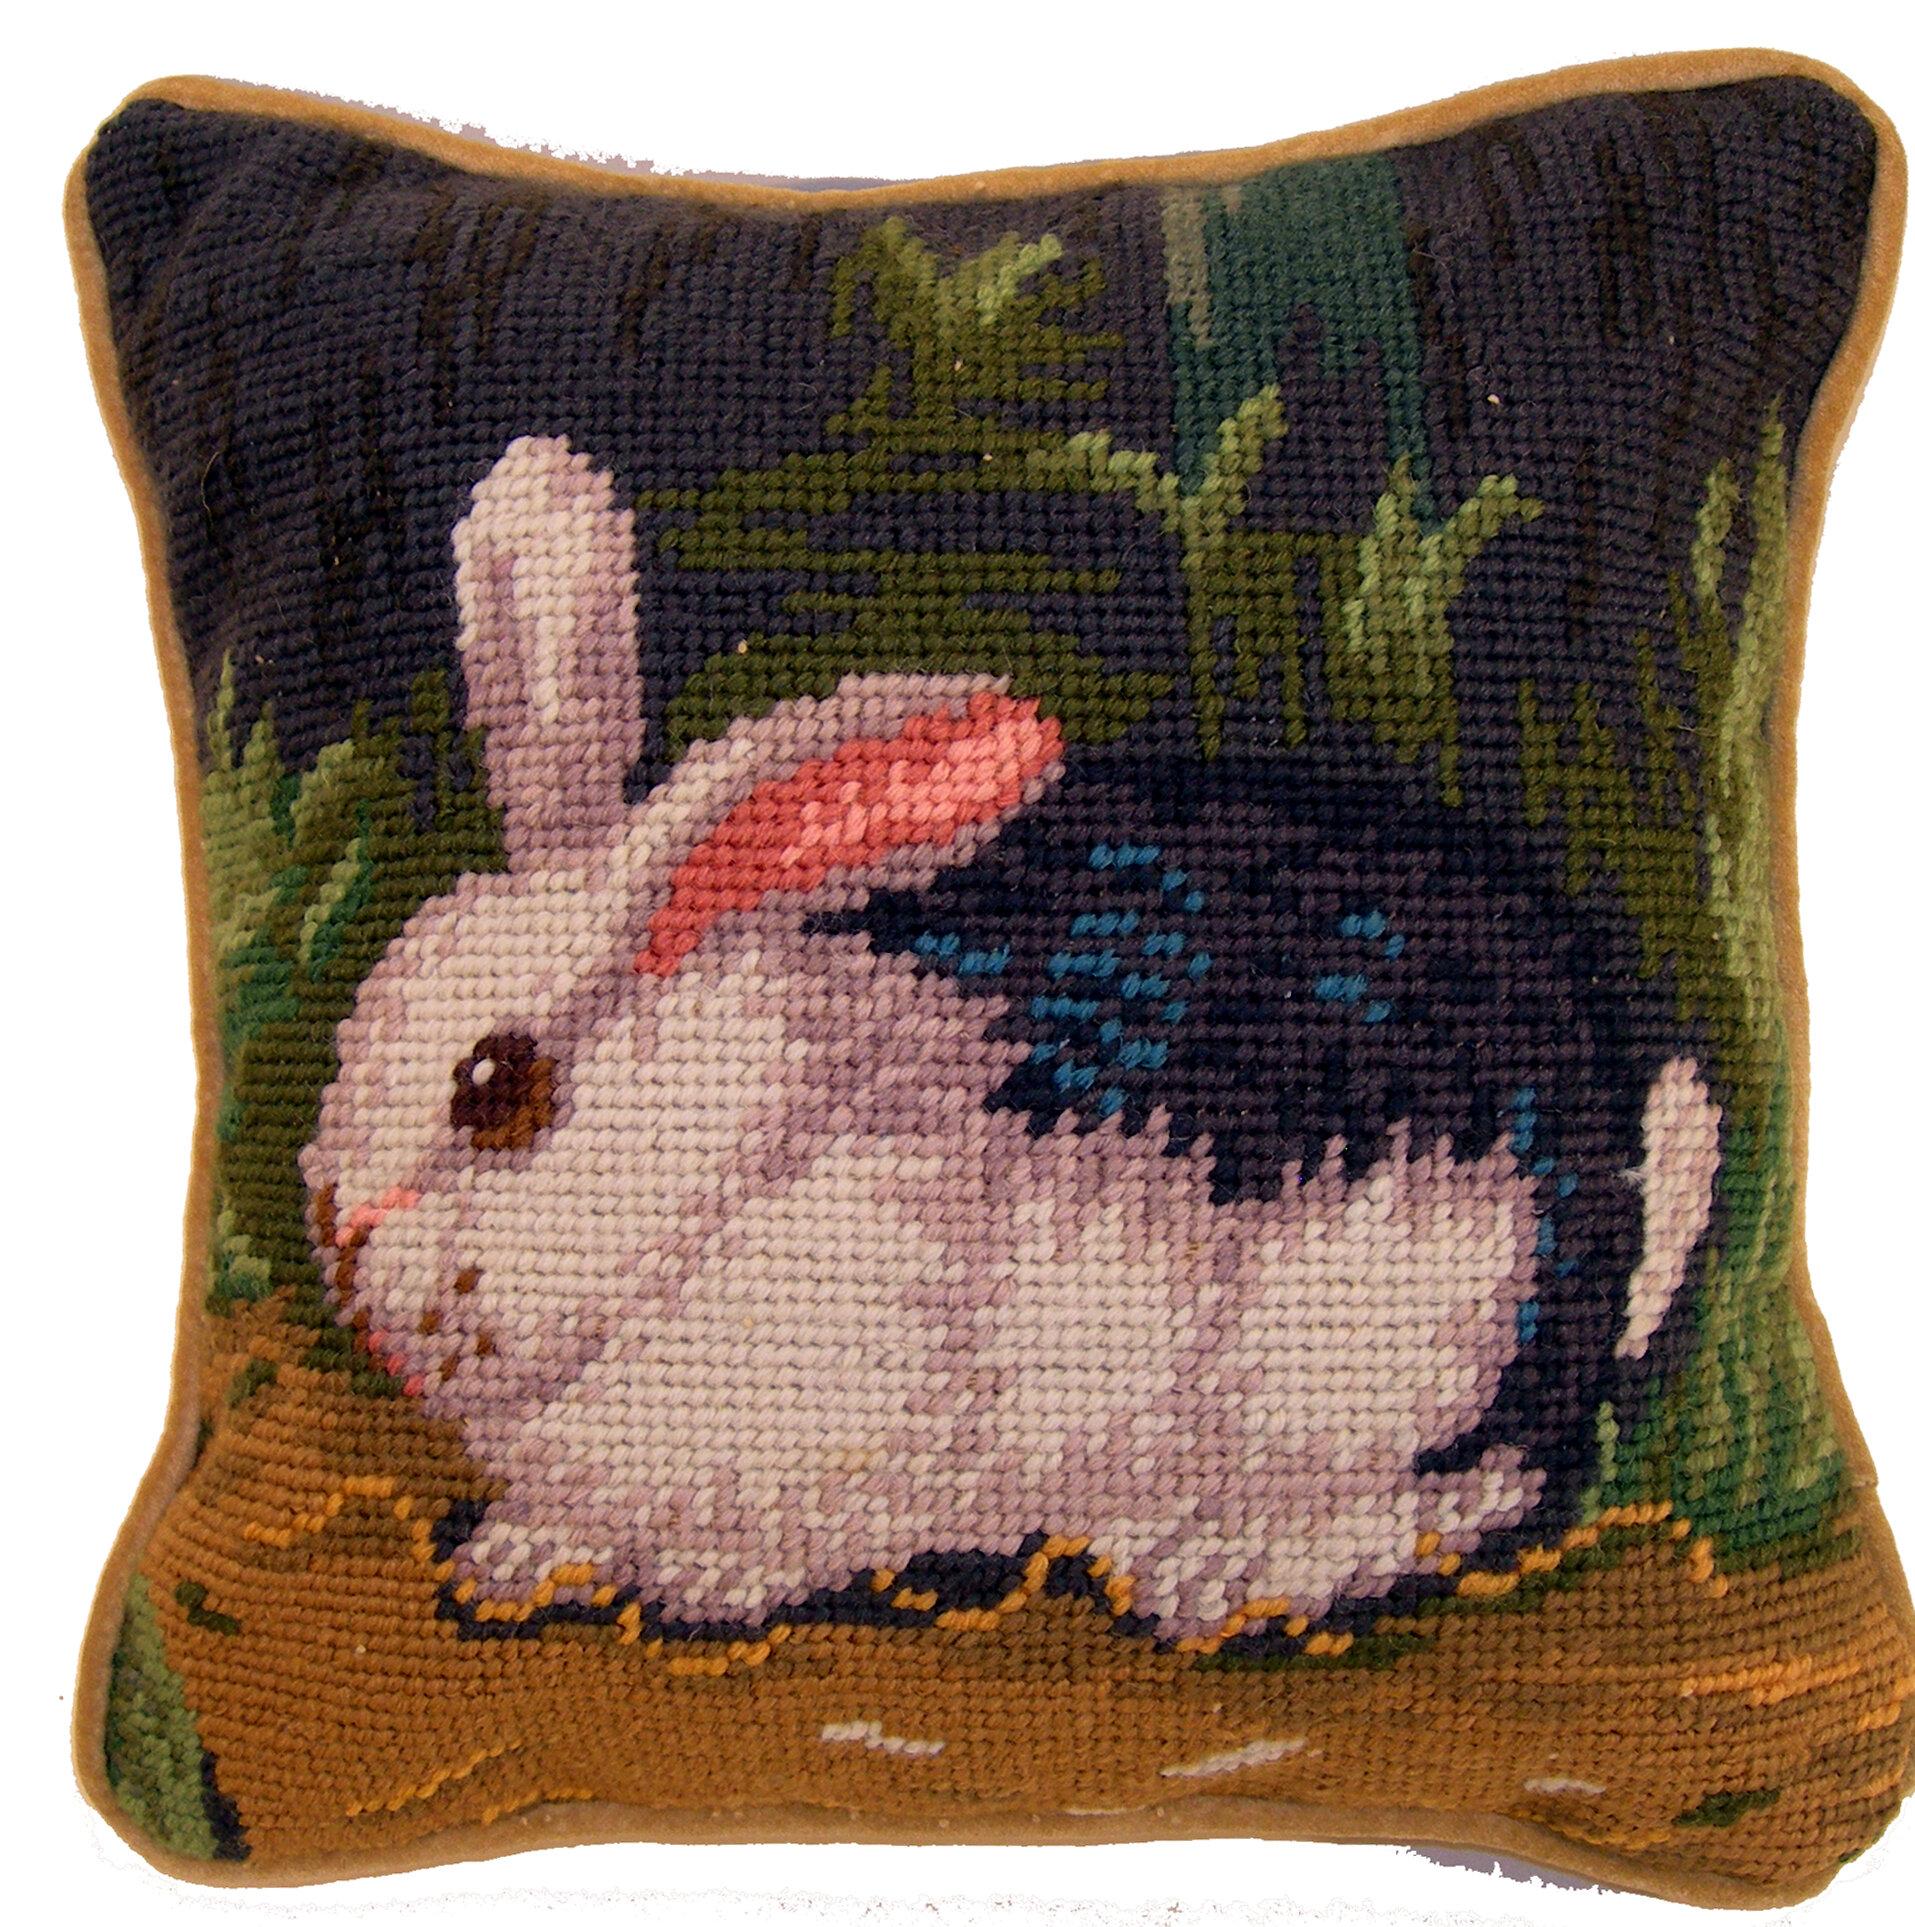 August Grove Tamsin Handmade Needlepoint Rabbit Cotton Wool Throw Pillow Reviews Wayfair